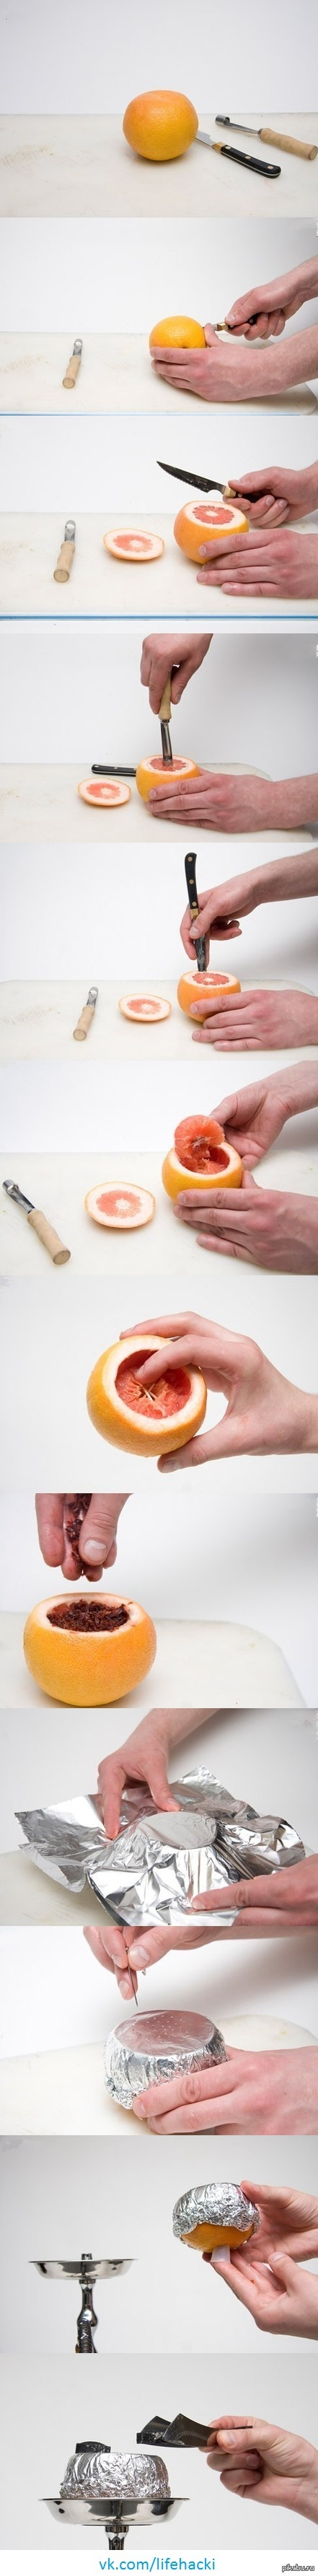 Делаем кальян на грейпфруте или апельсине.